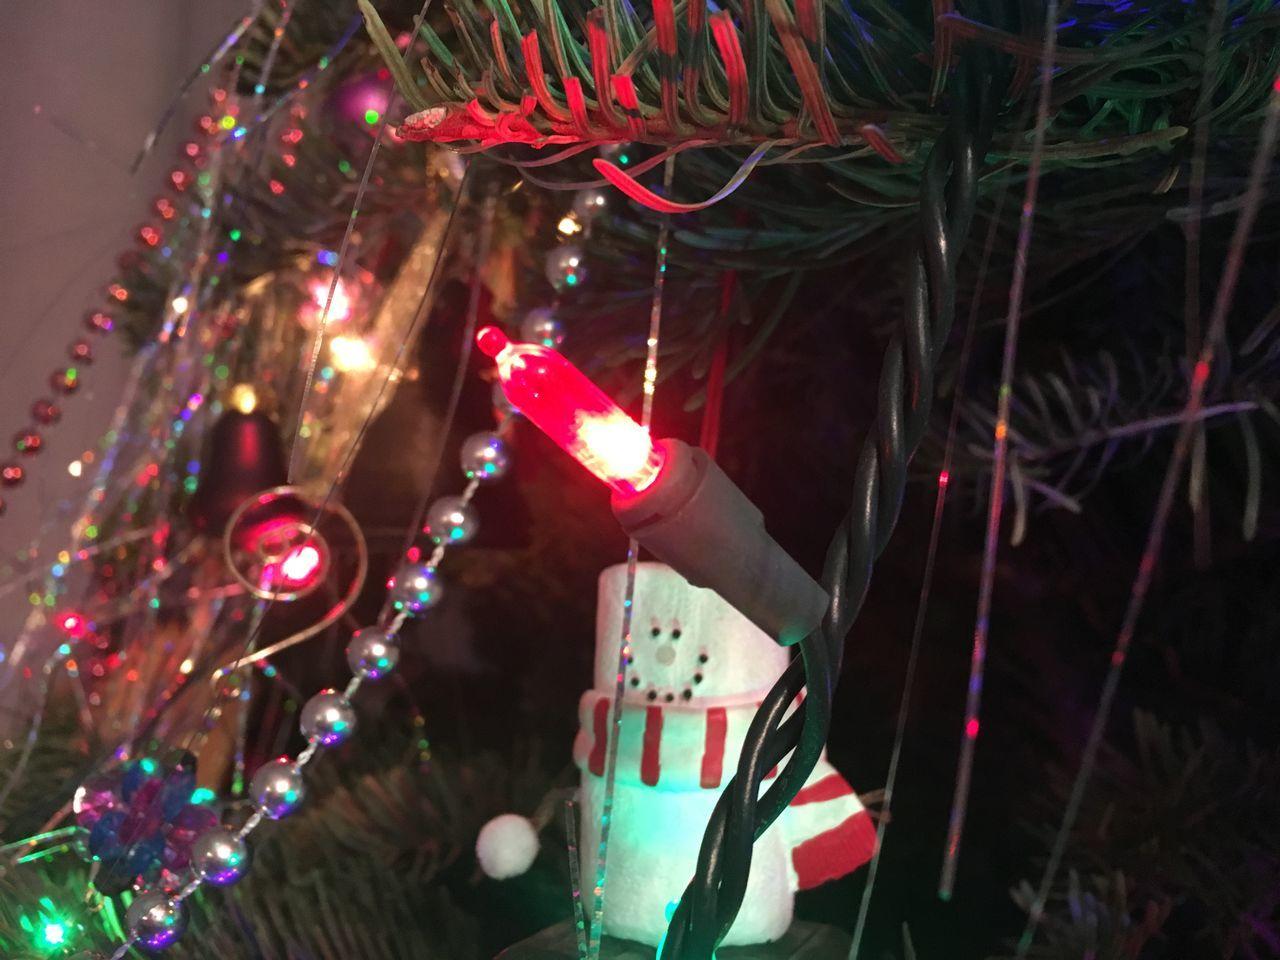 Close-Up Of Illuminated Christmas Lights On Tree